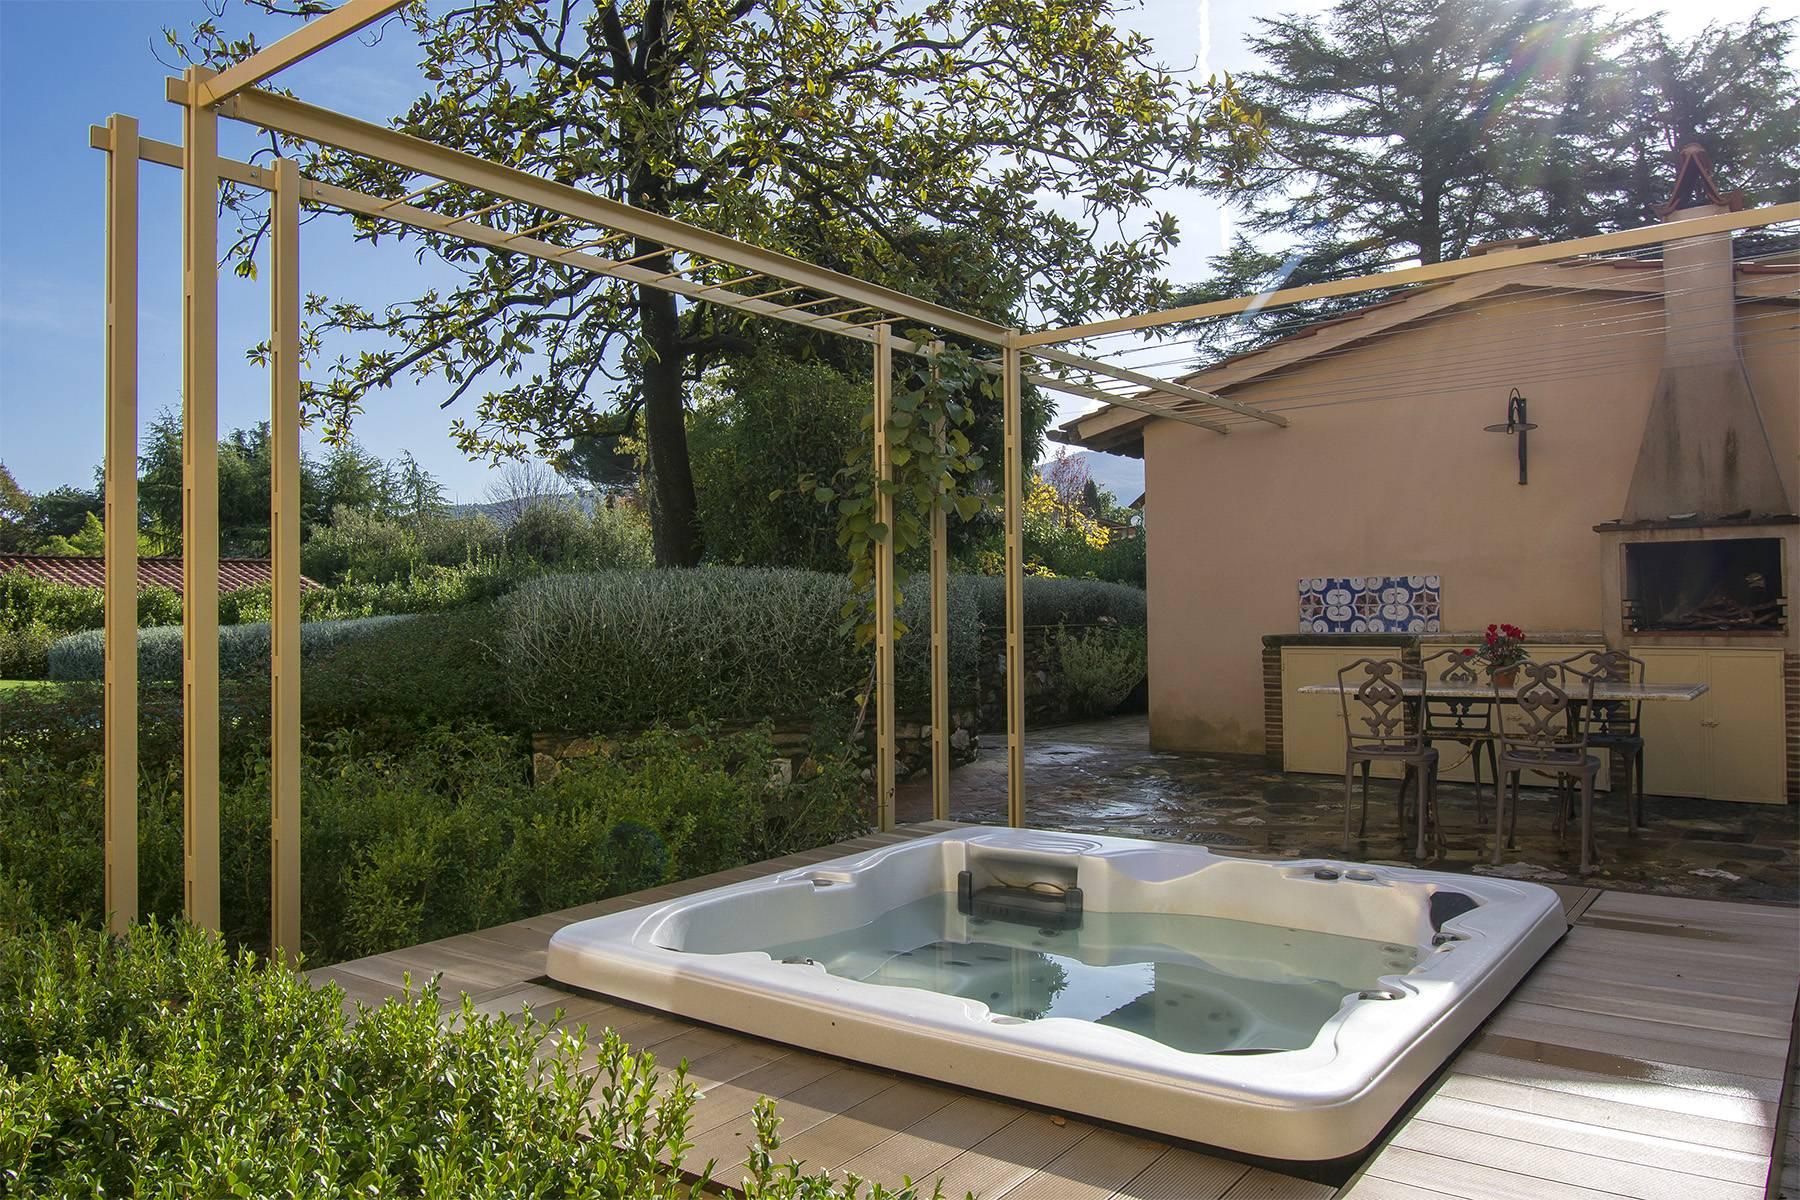 Casa indipendente in Vendita a Lucca: 5 locali, 130 mq - Foto 12